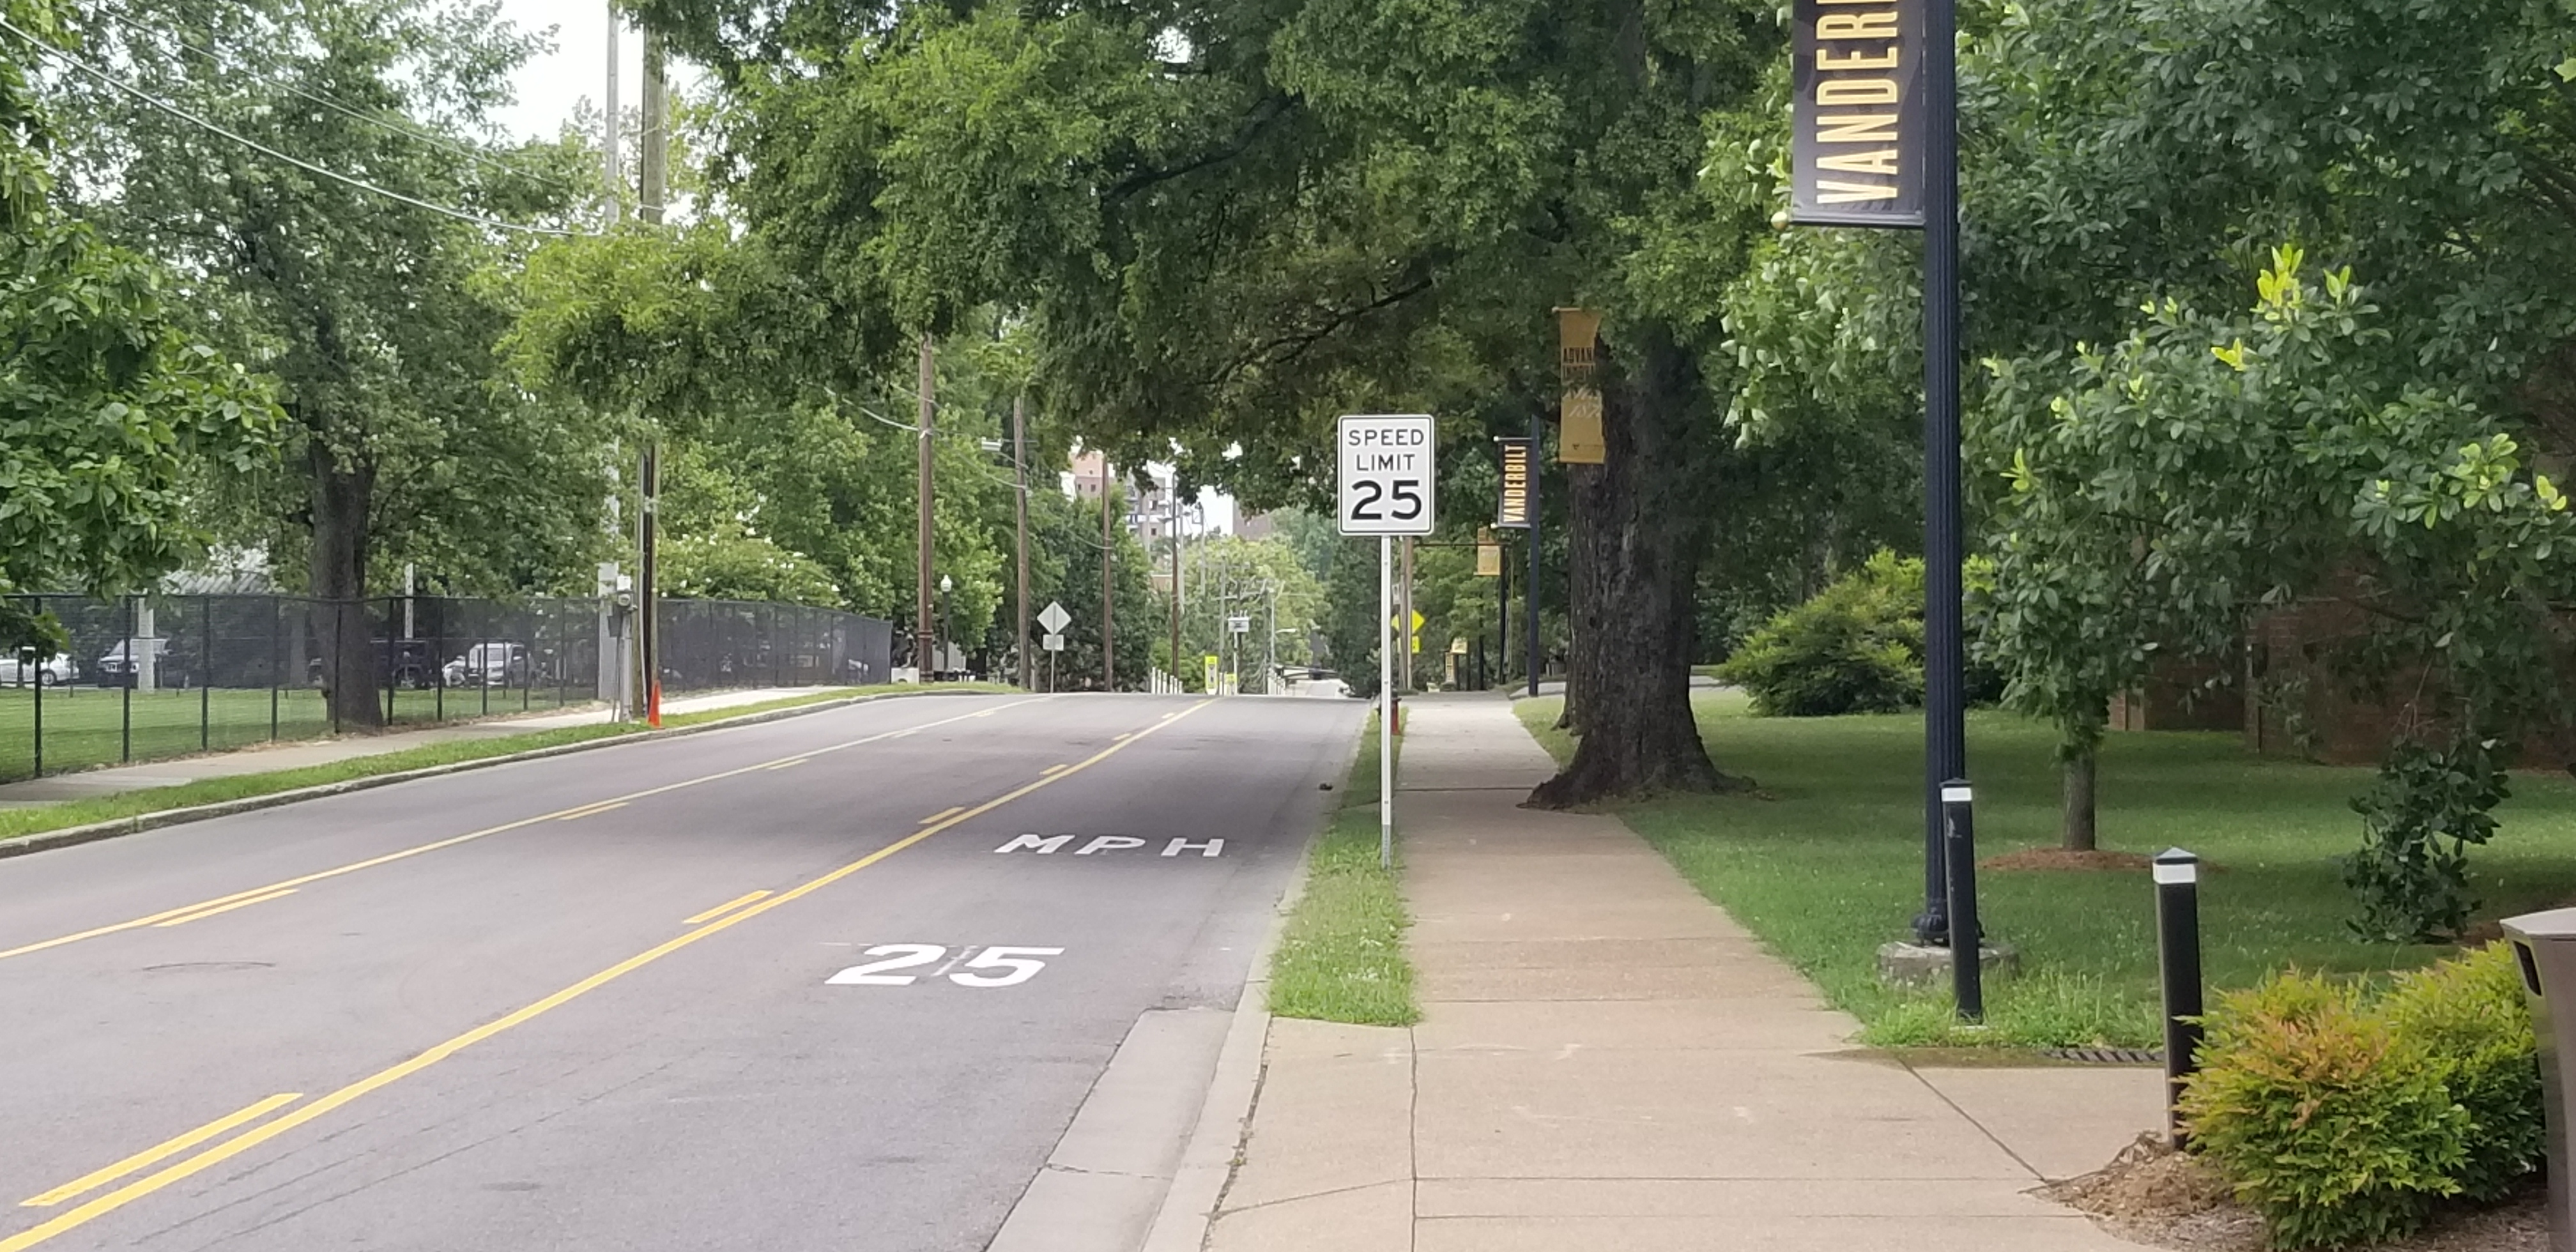 Campus speed limit